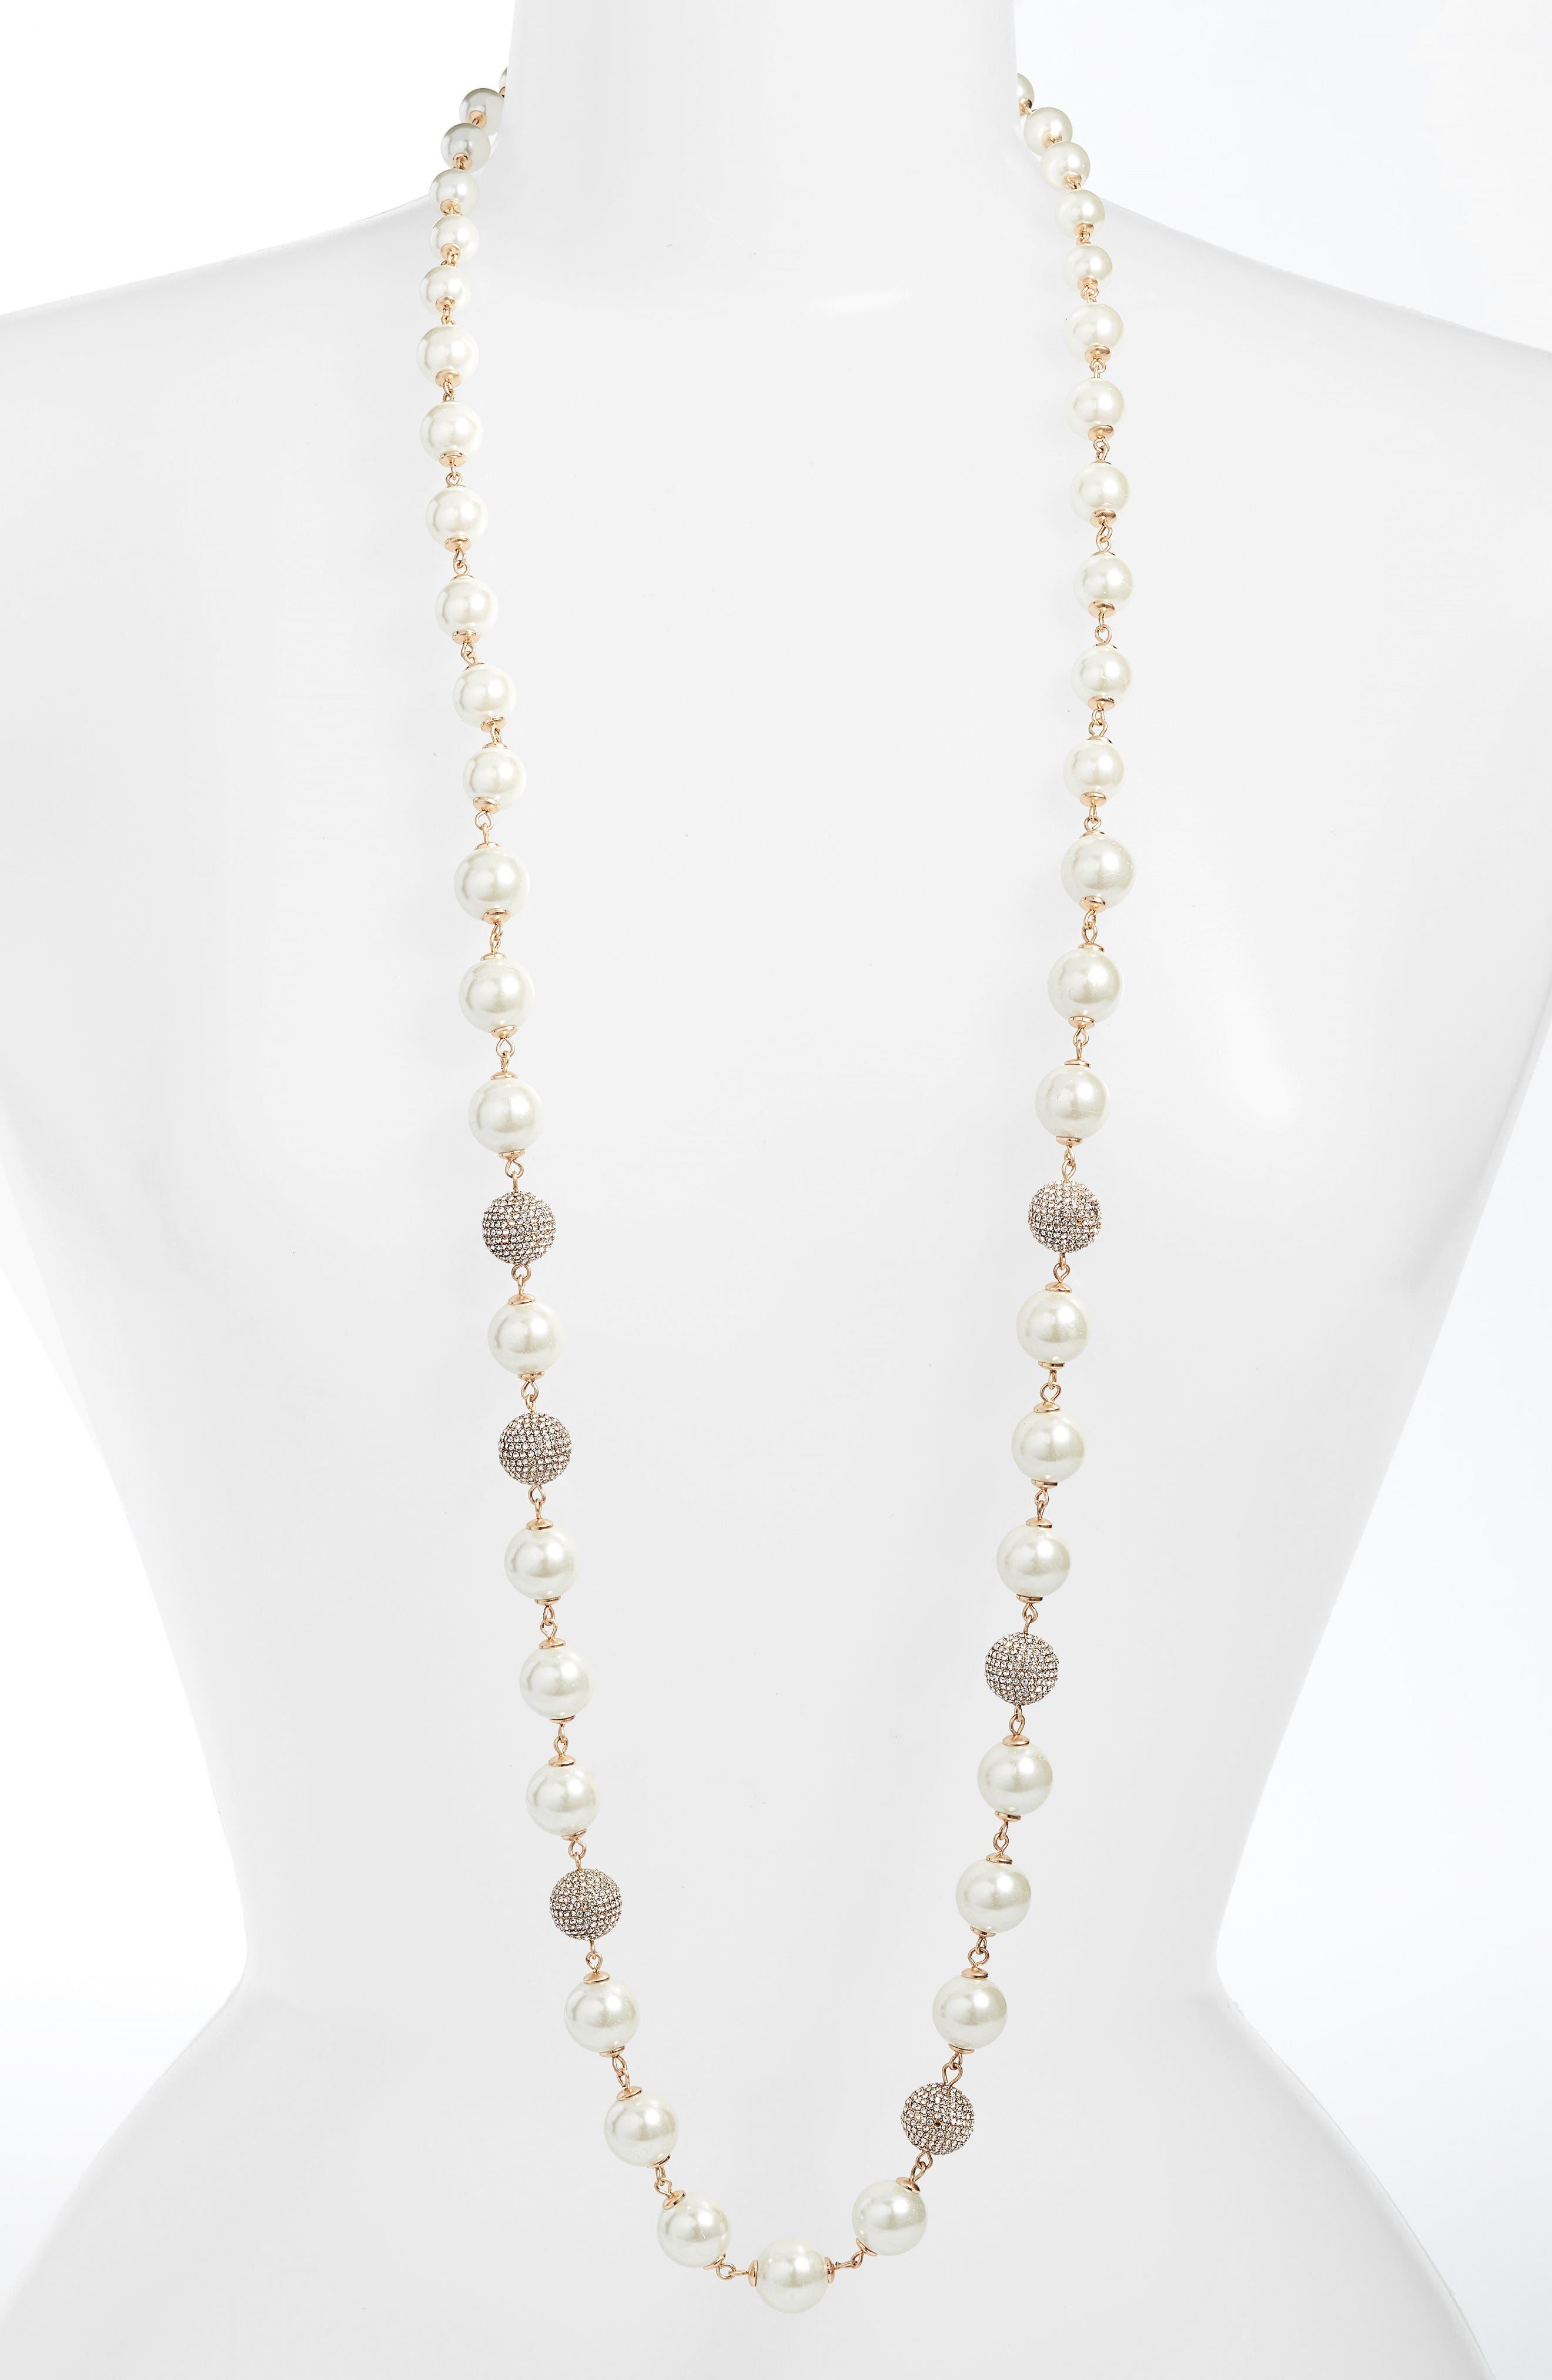 Main Image - Jenny Packham Long Imitation Pearl Necklace